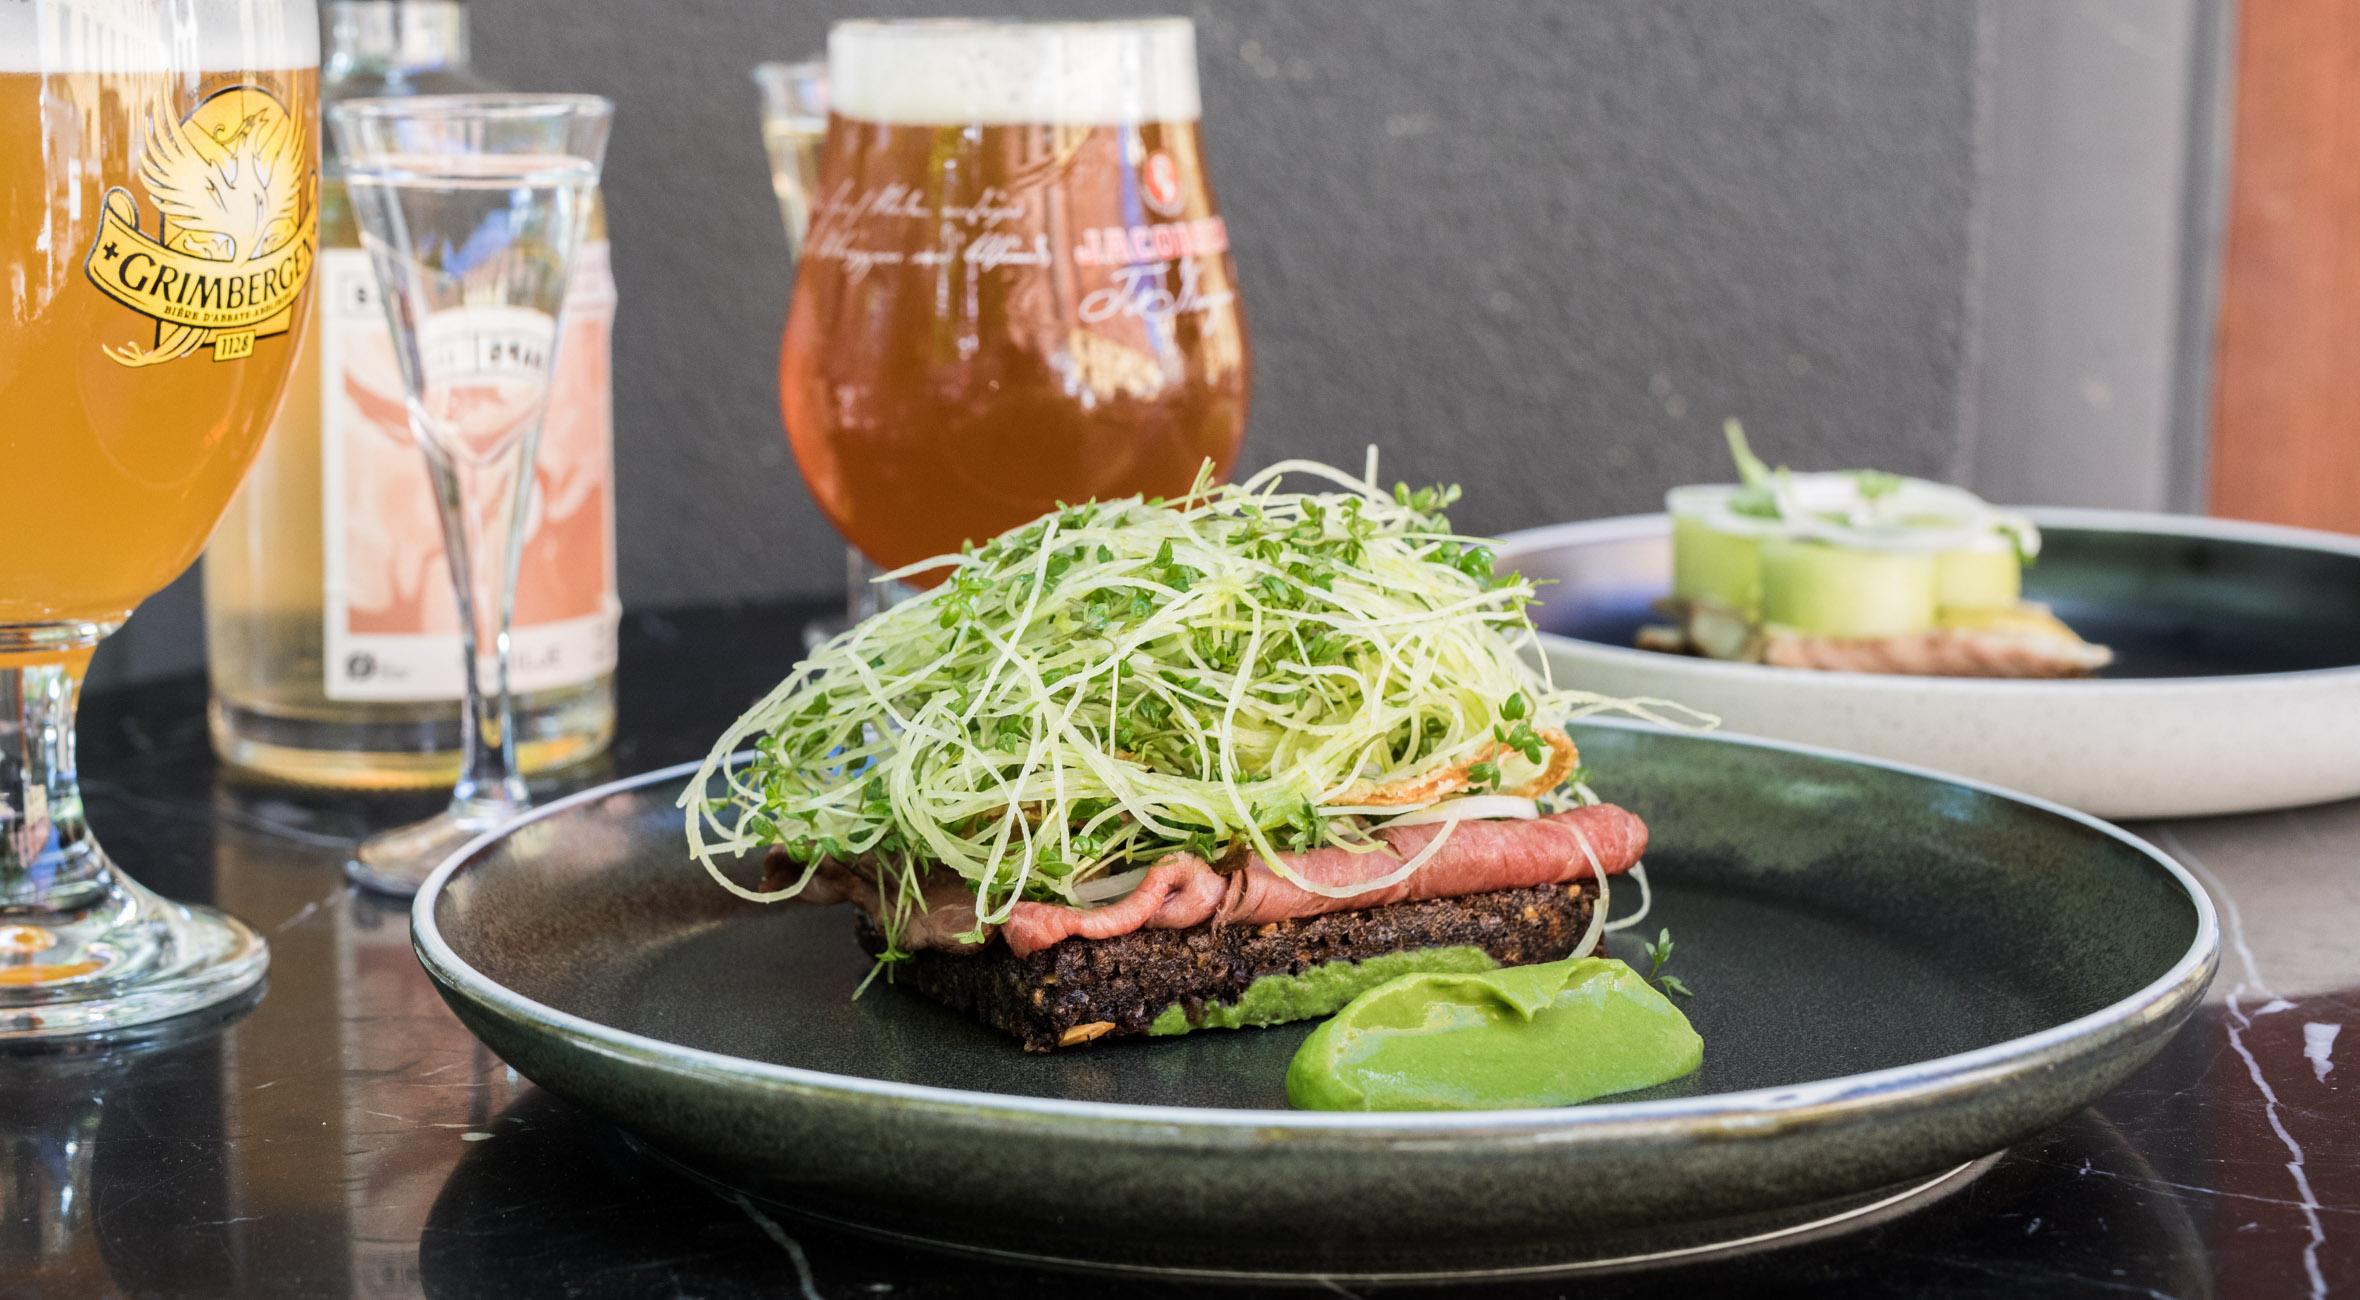 Frit valg til alt på frokostkortet hos Restaurant Mondän – Topkokke byder på overdådigt smørrebrød